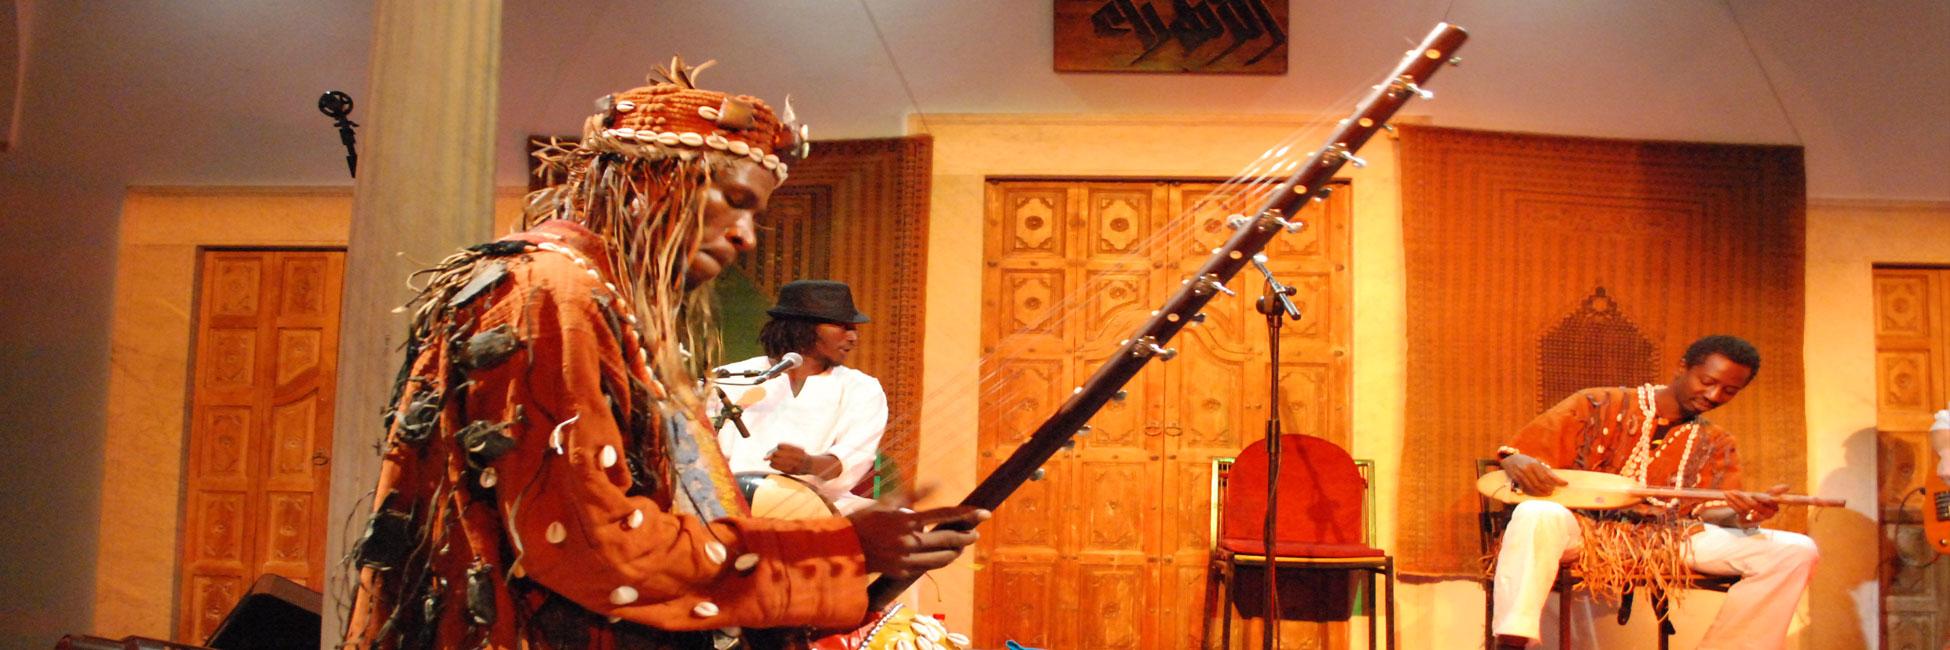 ABOU DIARRA - Musiques traditionnelles de l'Afrique de l'Ouest - Mali